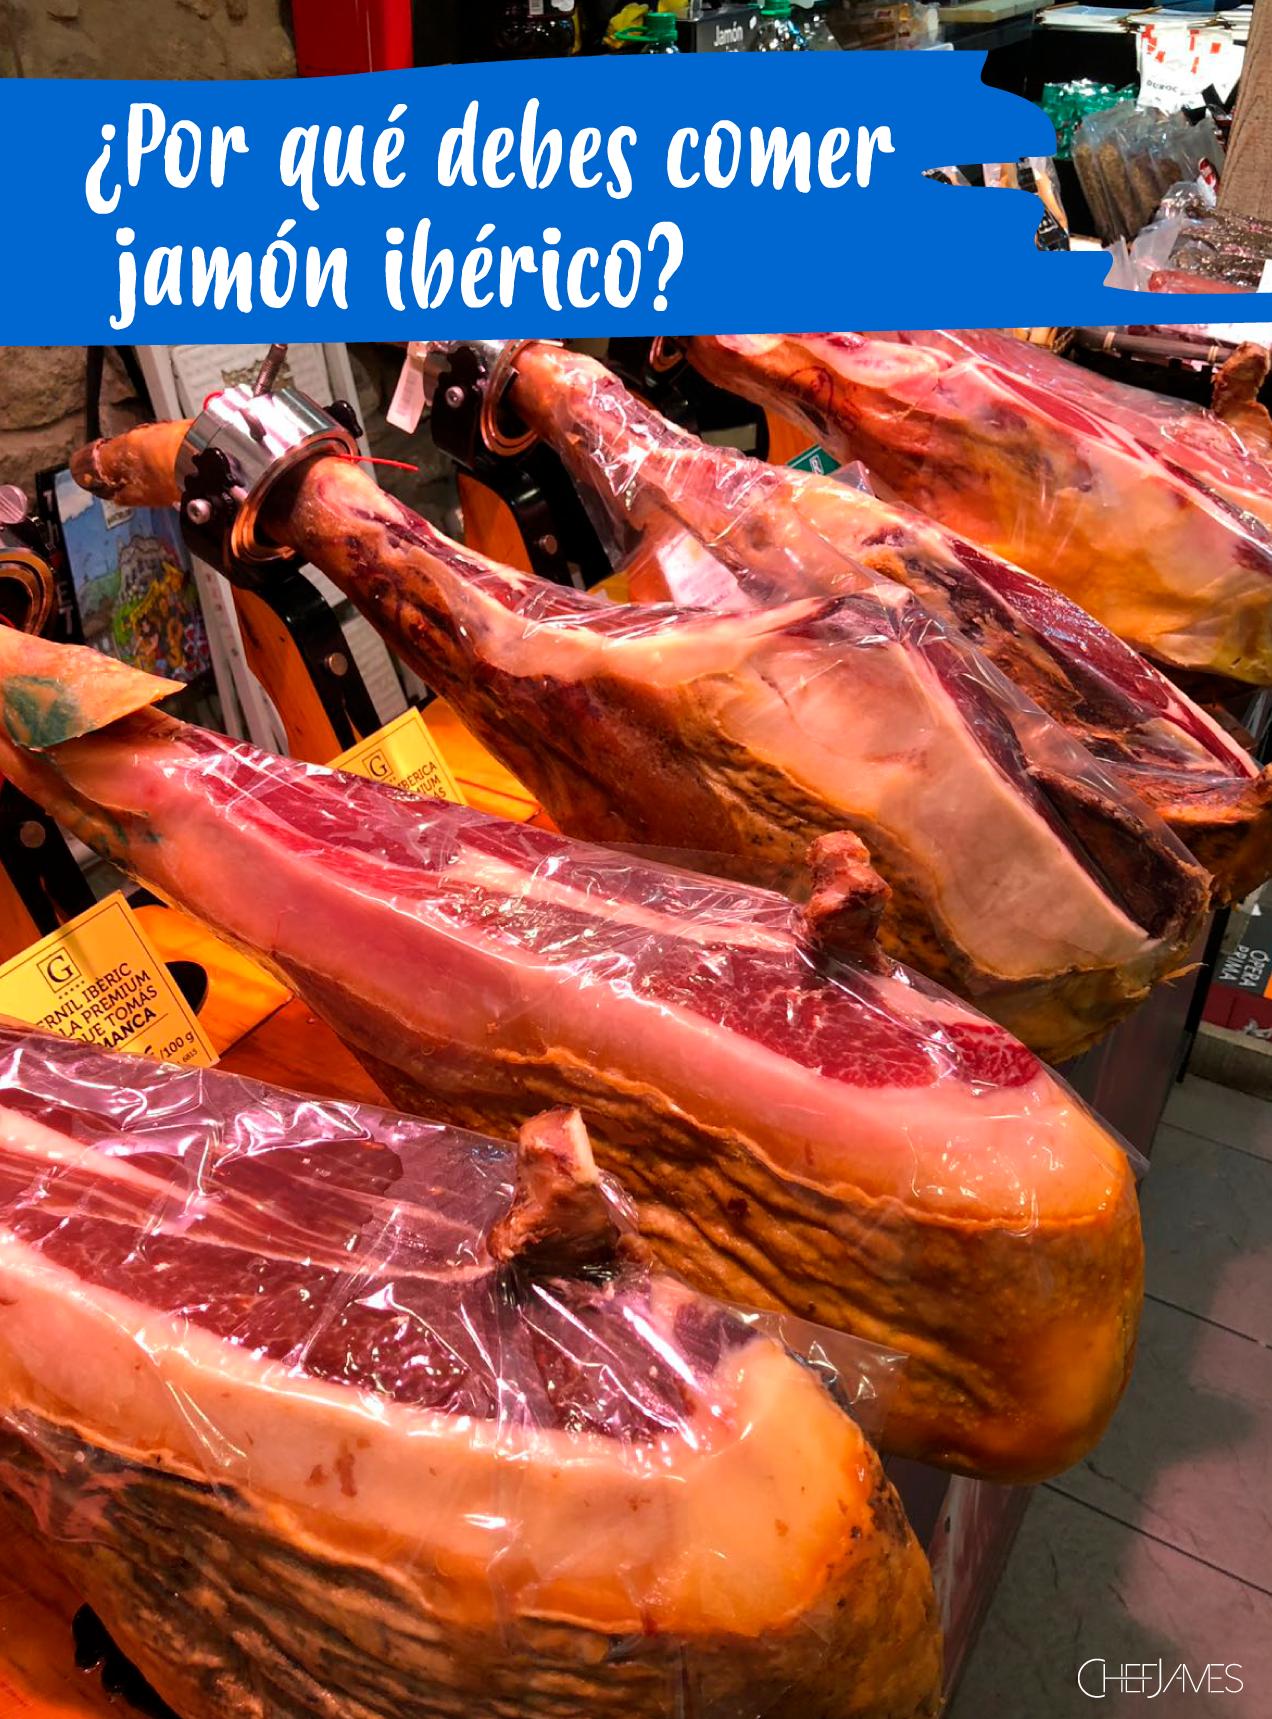 De Las Exquisiteces Que Hay En El Mundo El Jamón Ibérico Es Sin Duda Una De Mis Preferidas Mira Por Qu Jamon Iberico Gastronomia Mediterranea Comida étnica